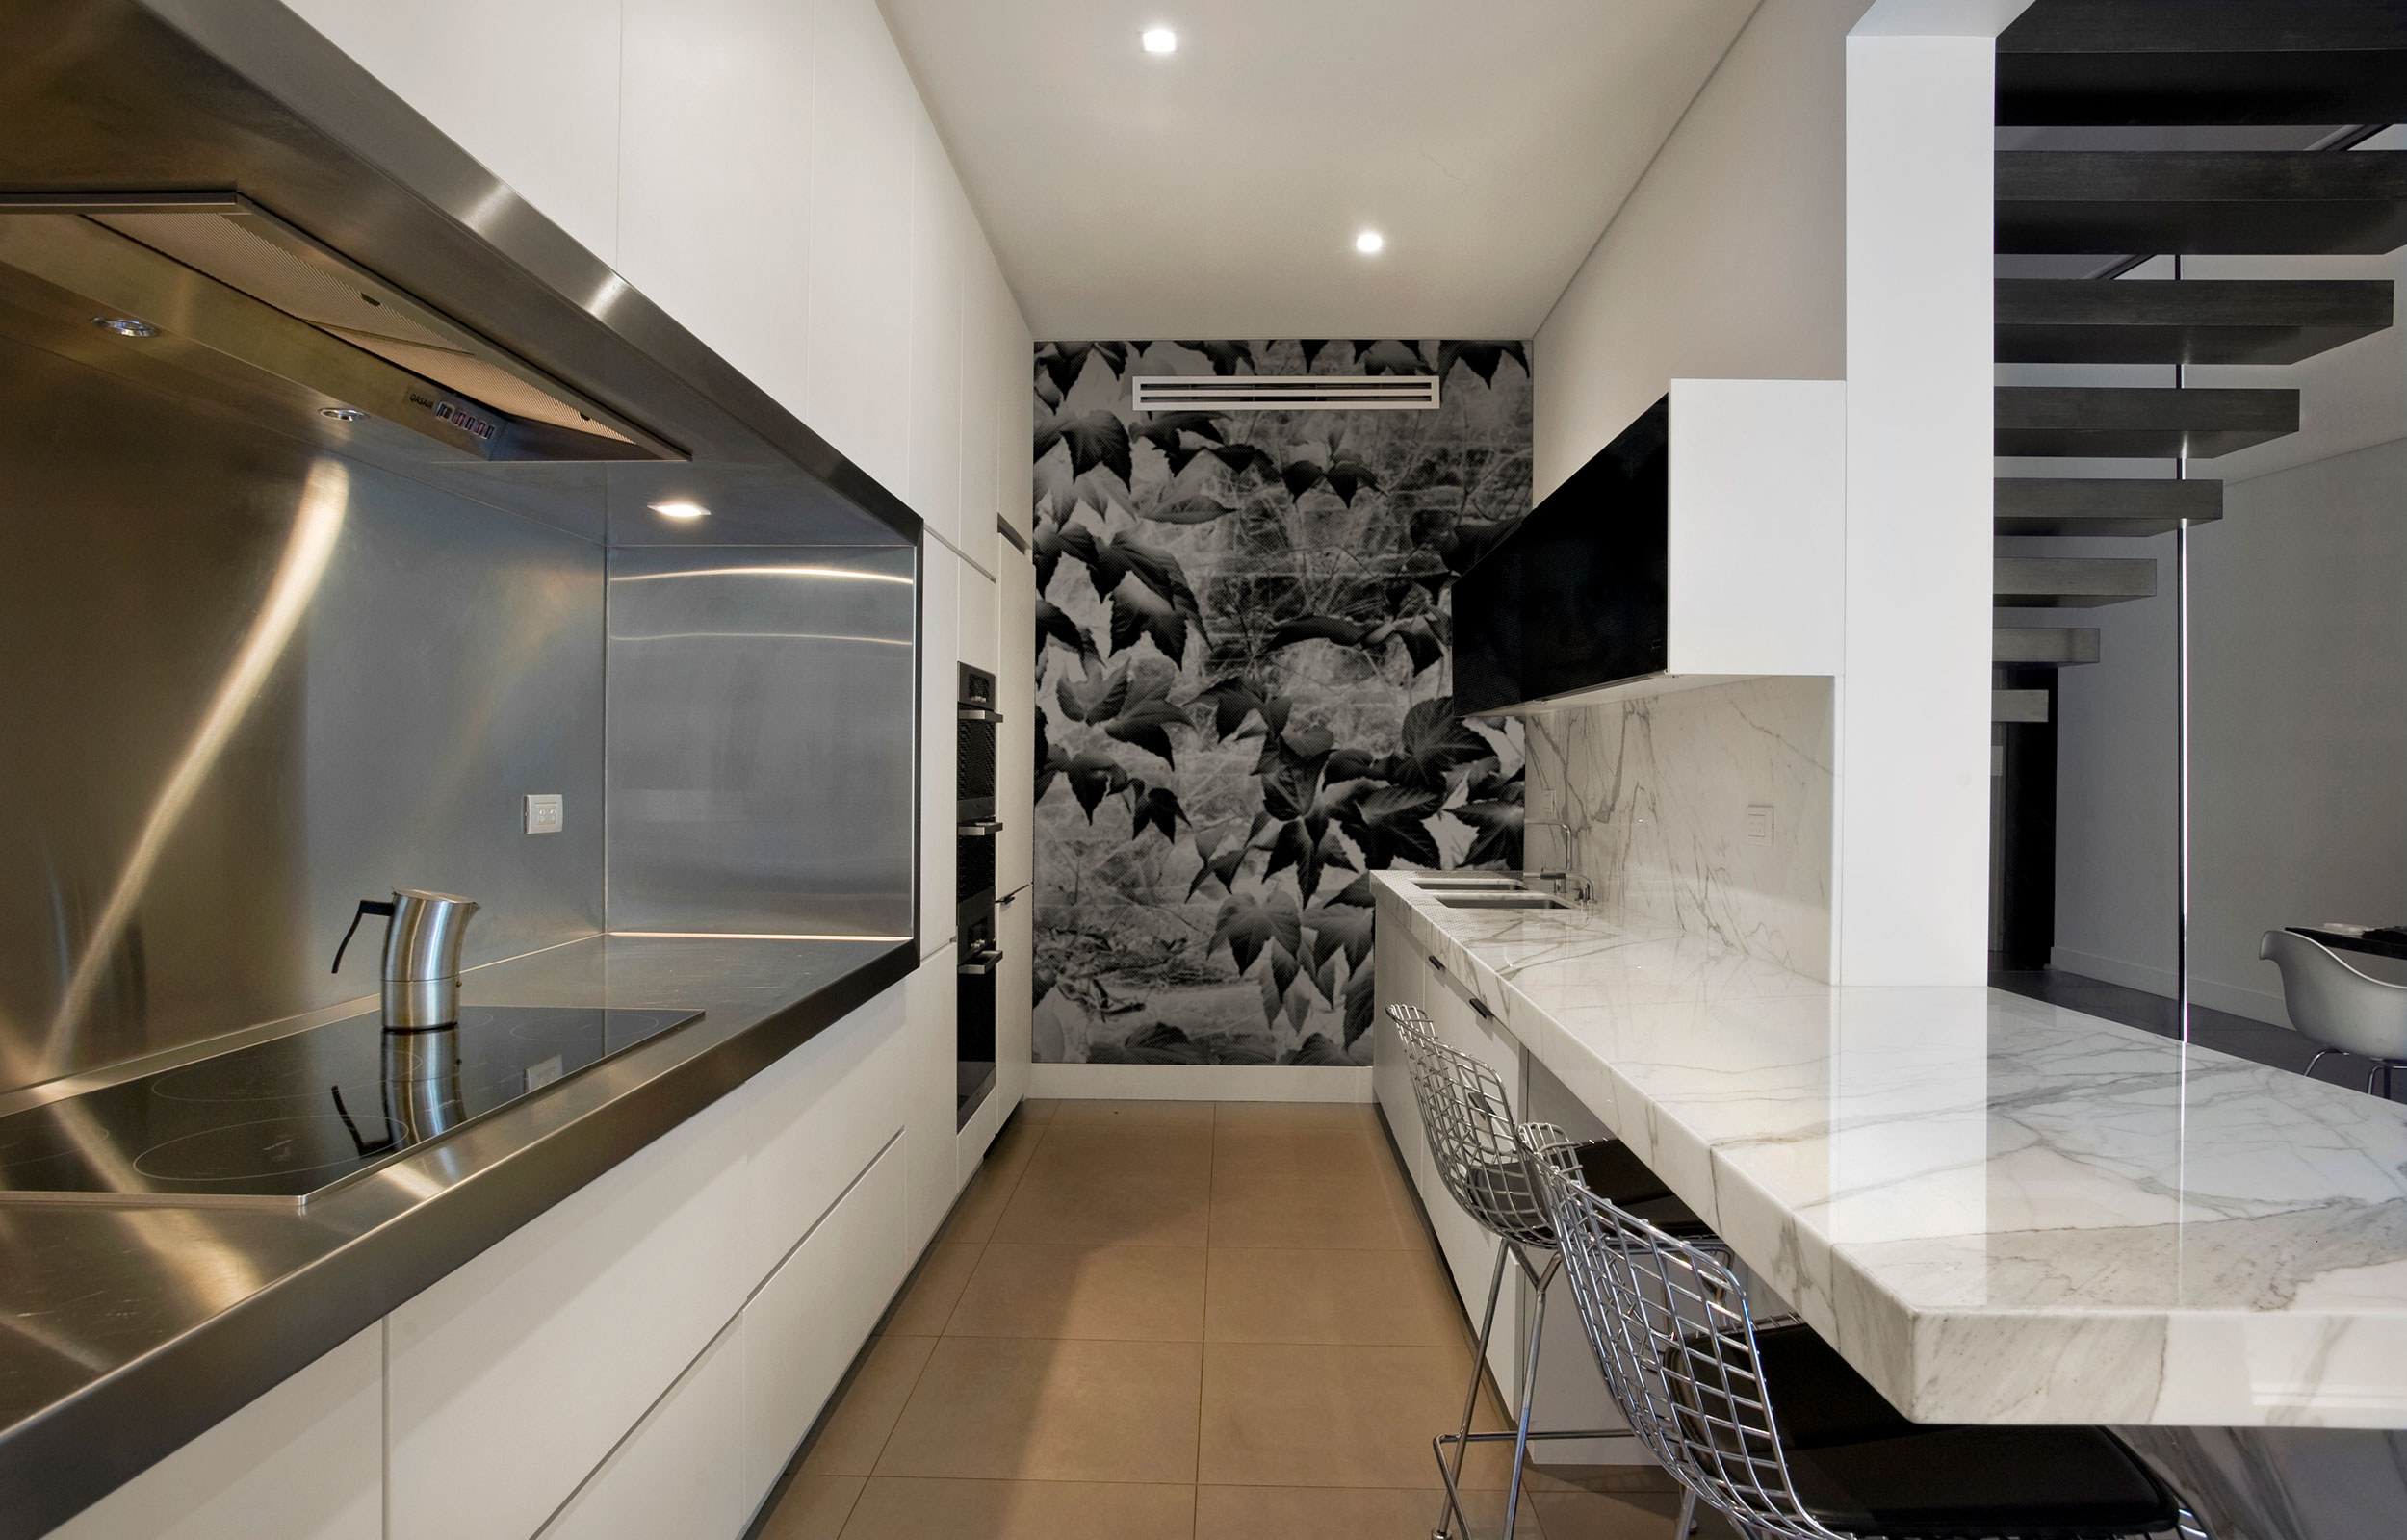 enoki-interior-AdelaideRes-1.jpg